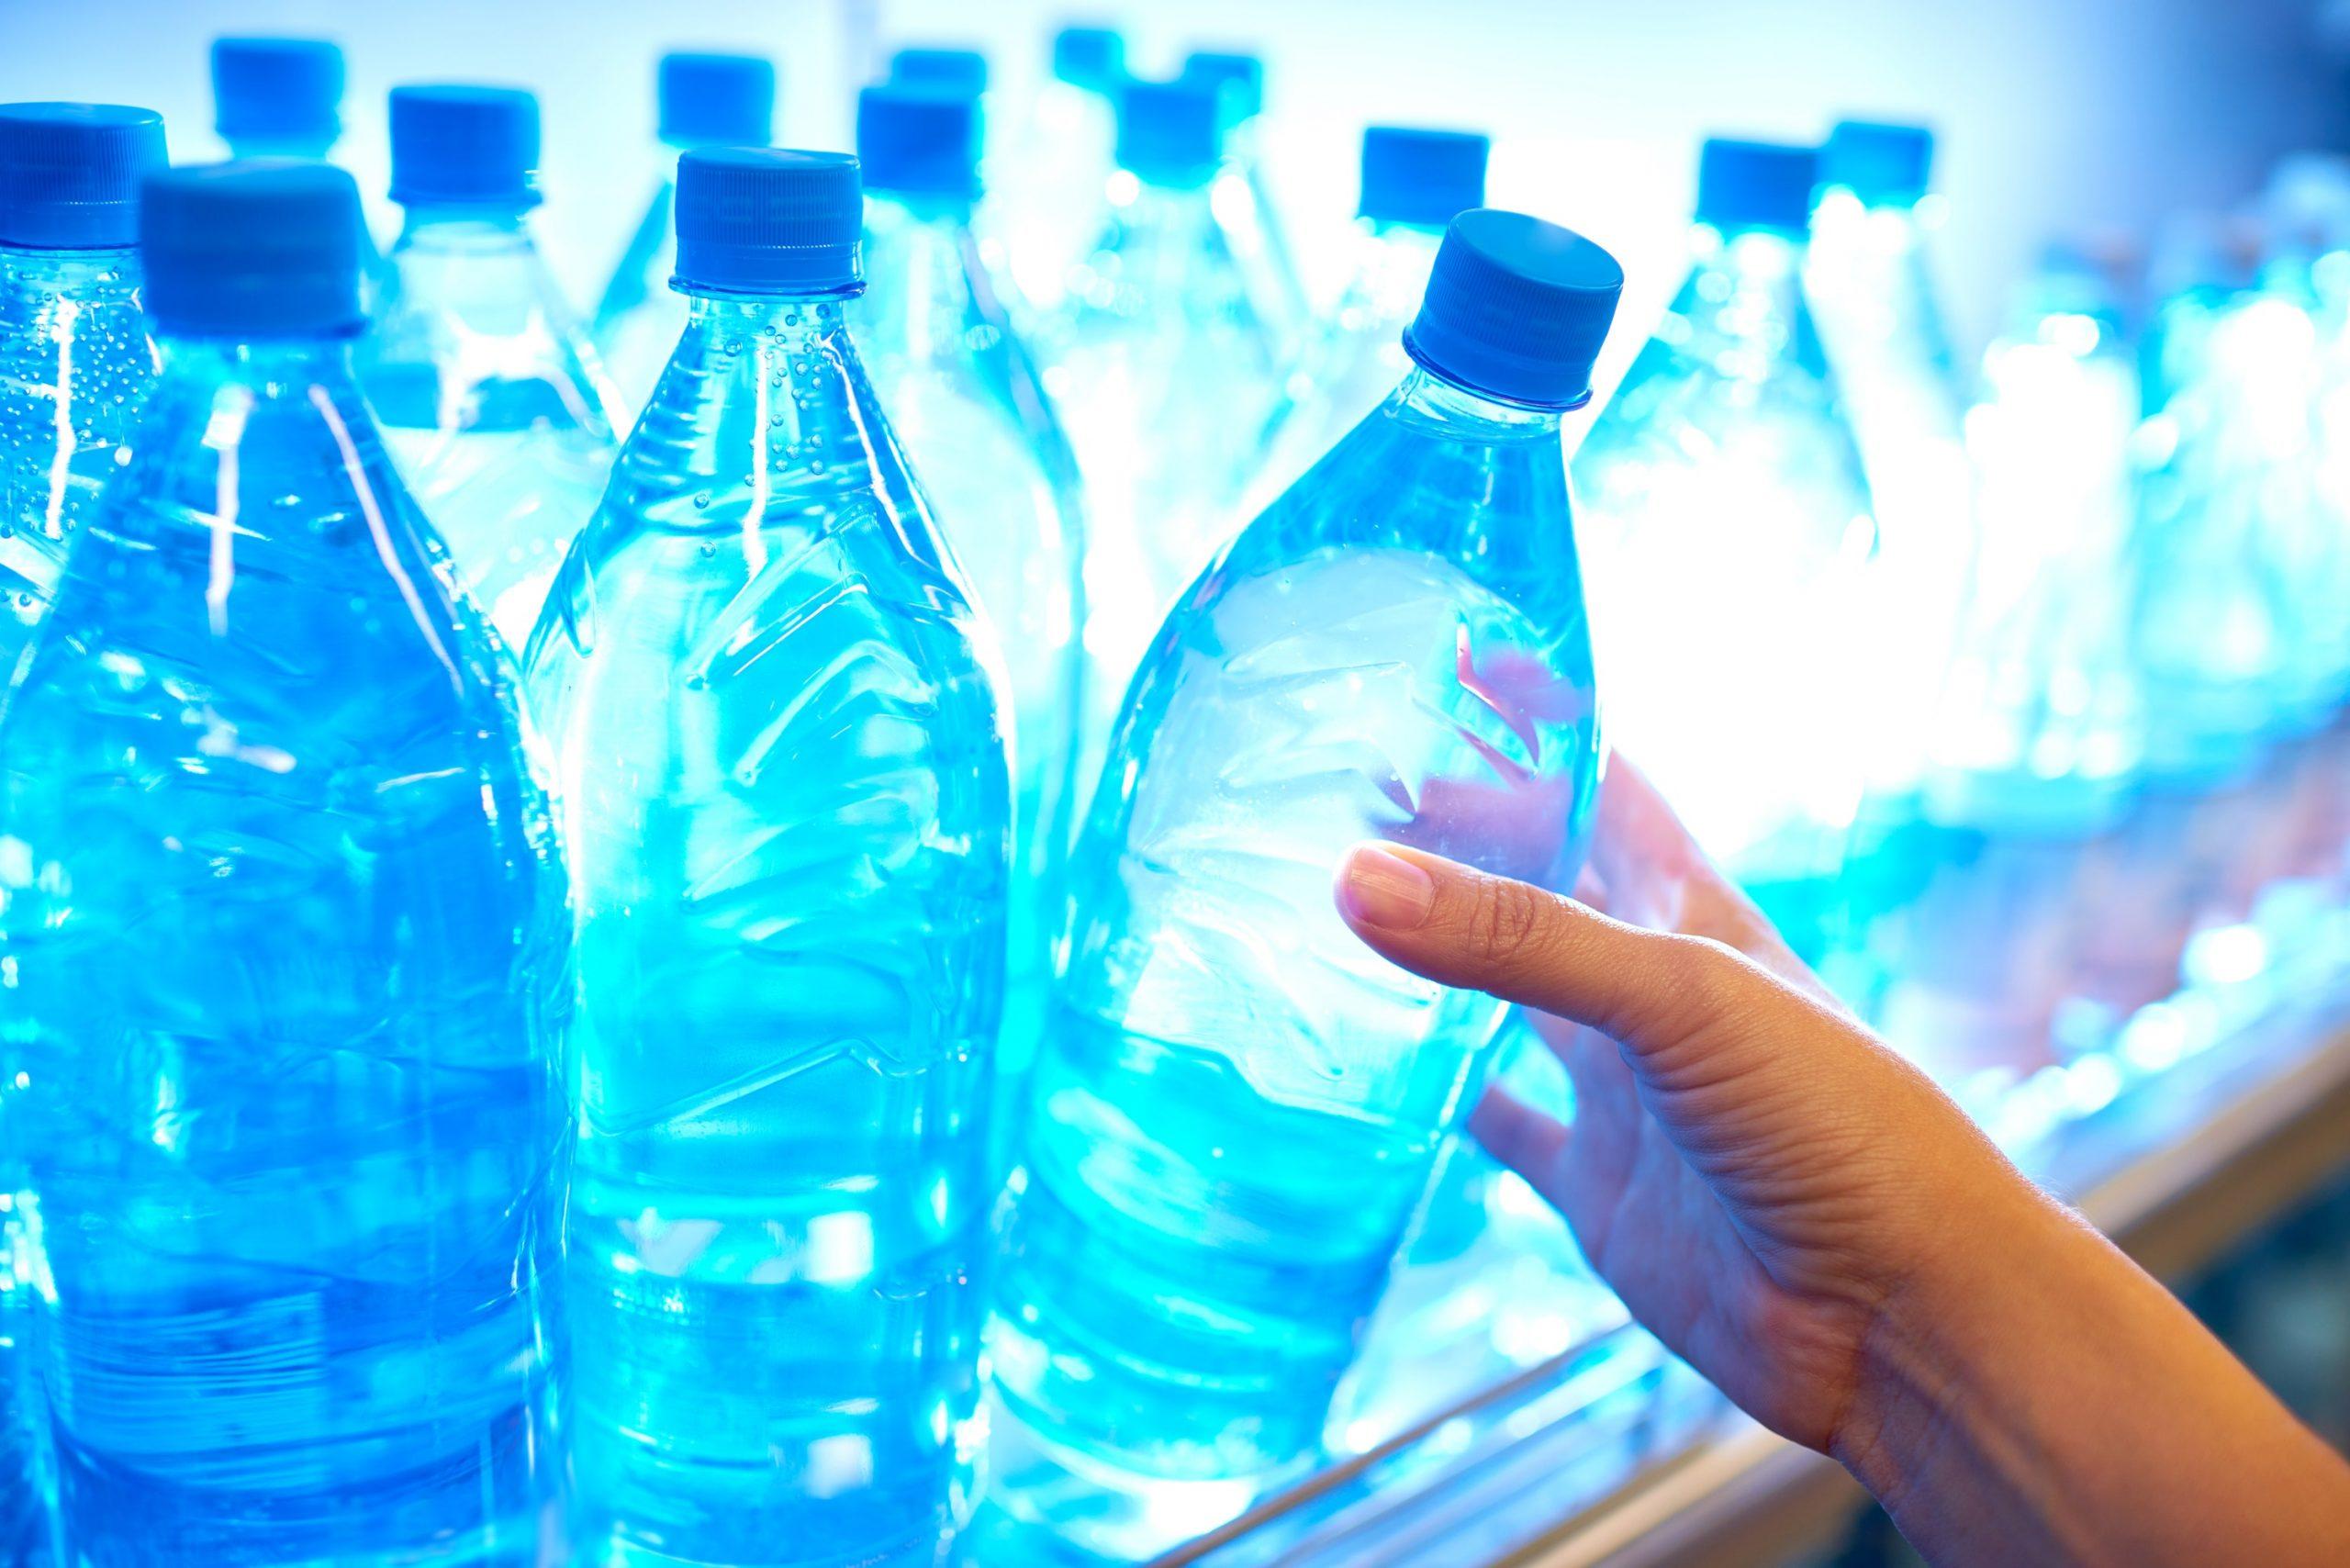 Air Alkali : Kebaikan, Bahaya, Mitos & Kesannya Menurut Sains